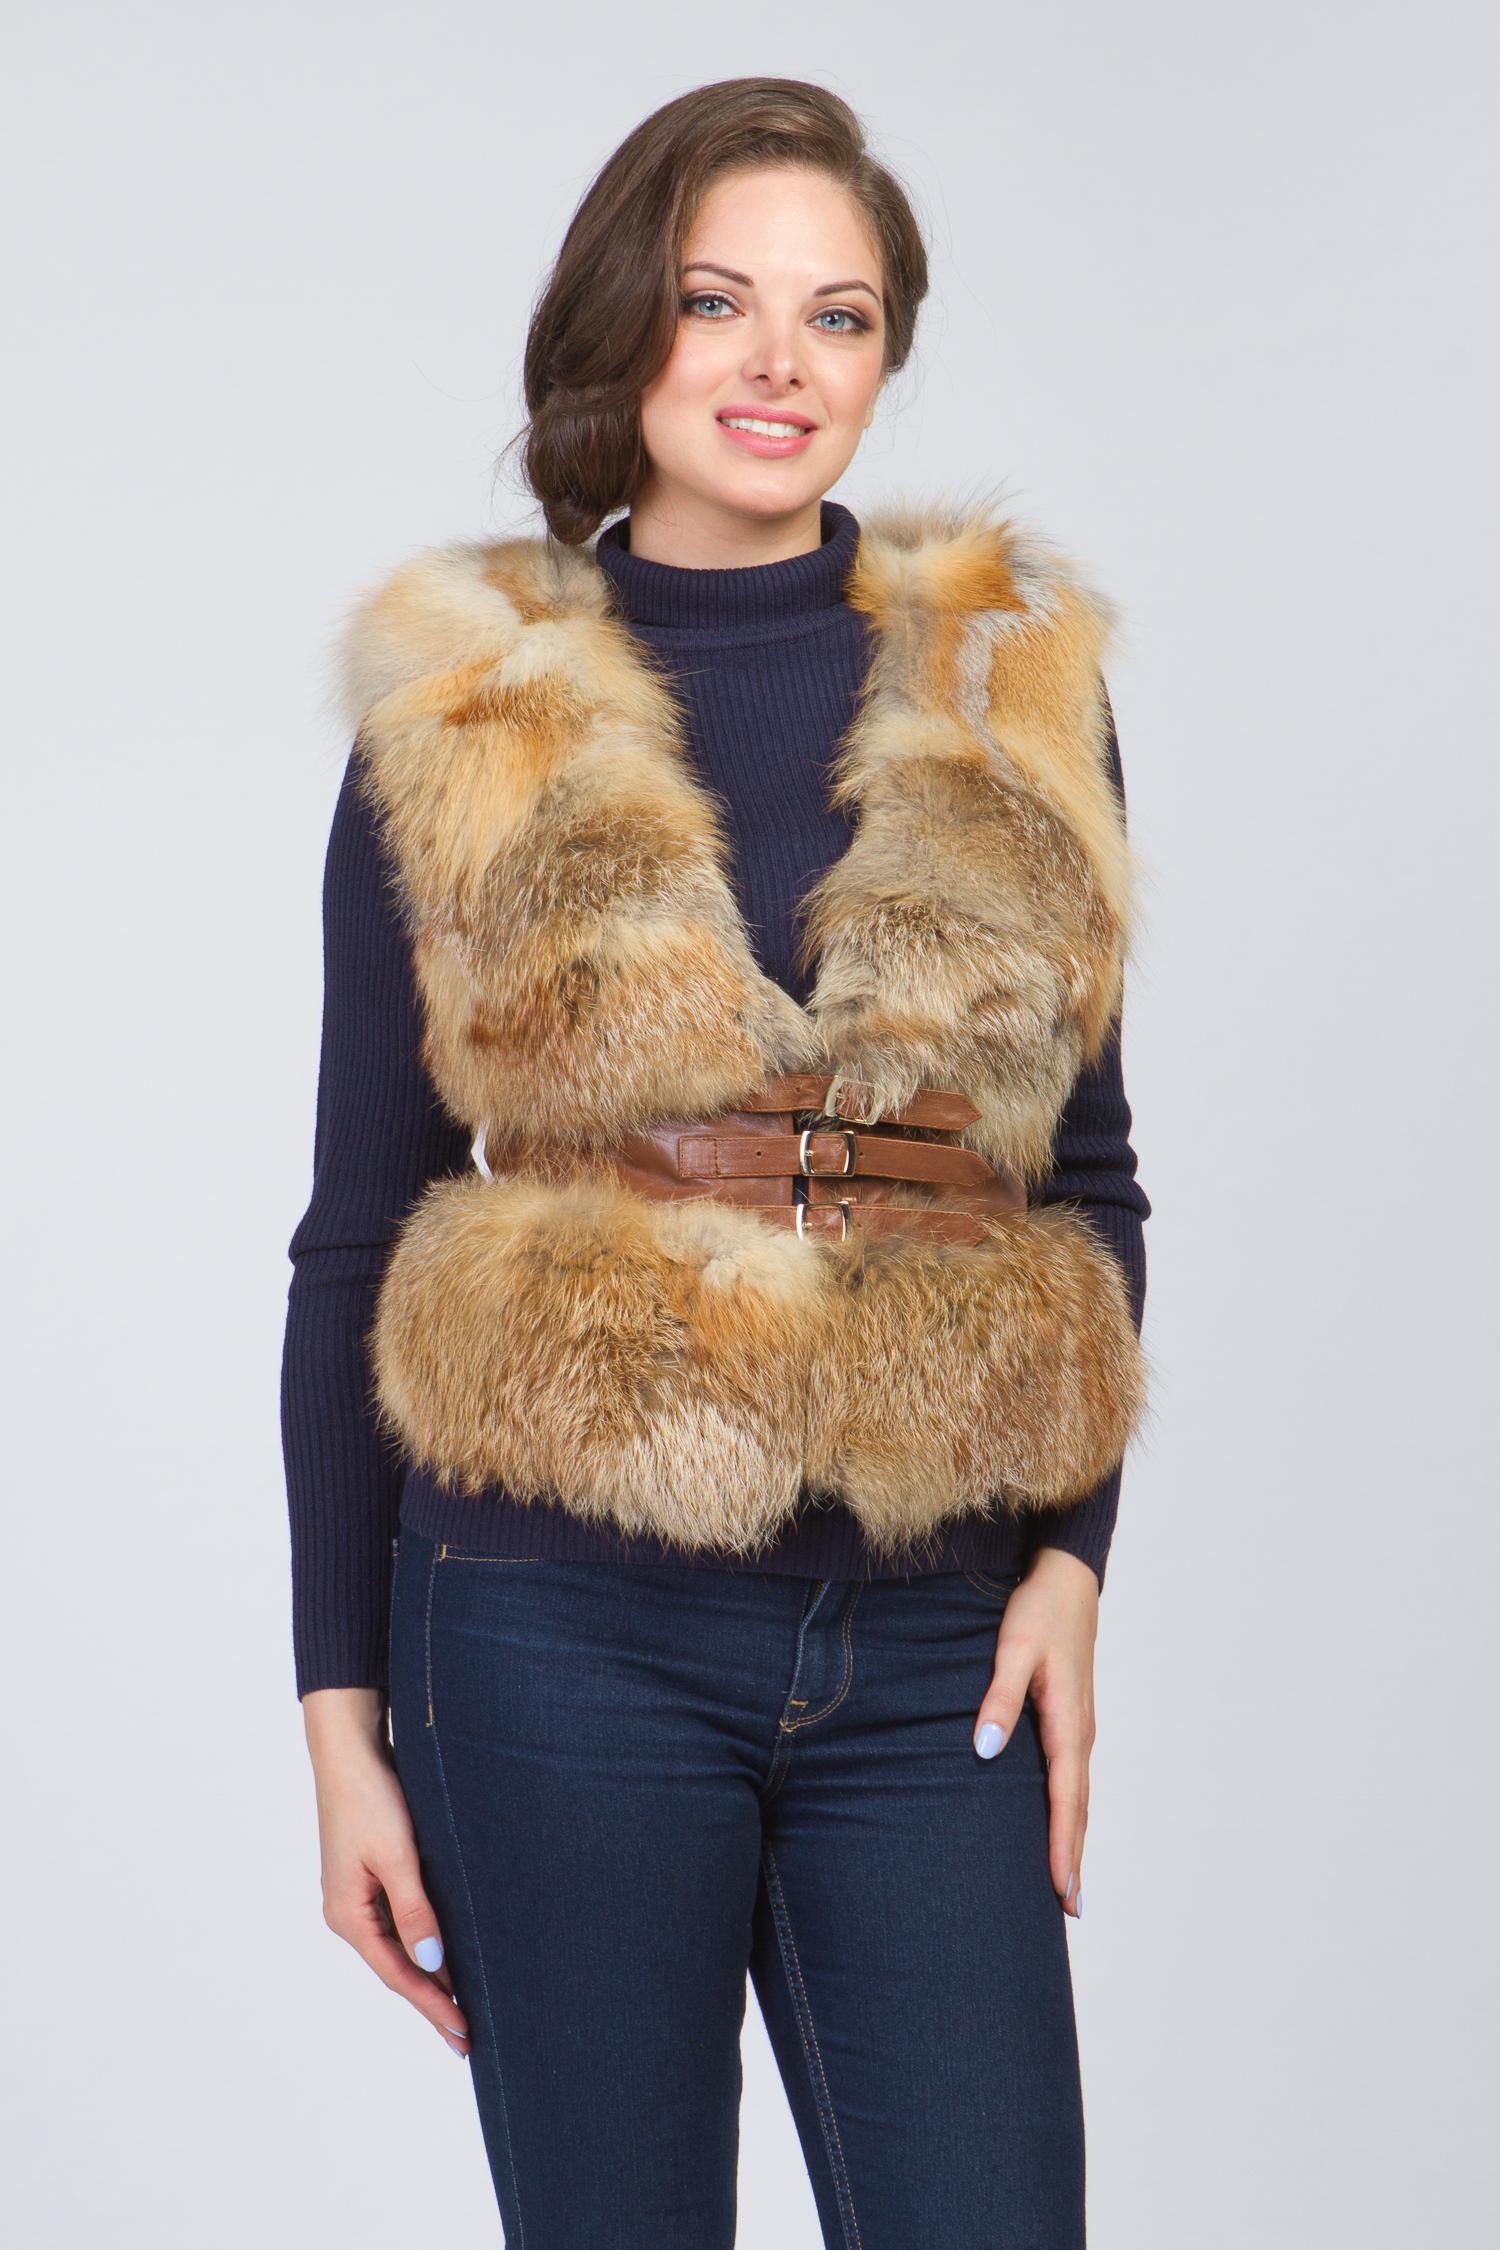 Женская кожаная куртка из натуральной кожи без воротника, отделка лиса<br><br>Воротник: без воротника<br>Длина см: Короткая (51-74 )<br>Материал: Кожа овчина<br>Цвет: коричневый<br>Вид застежки: центральная<br>Застежка: комбинированная<br>Пол: Женский<br>Размер RU: 46